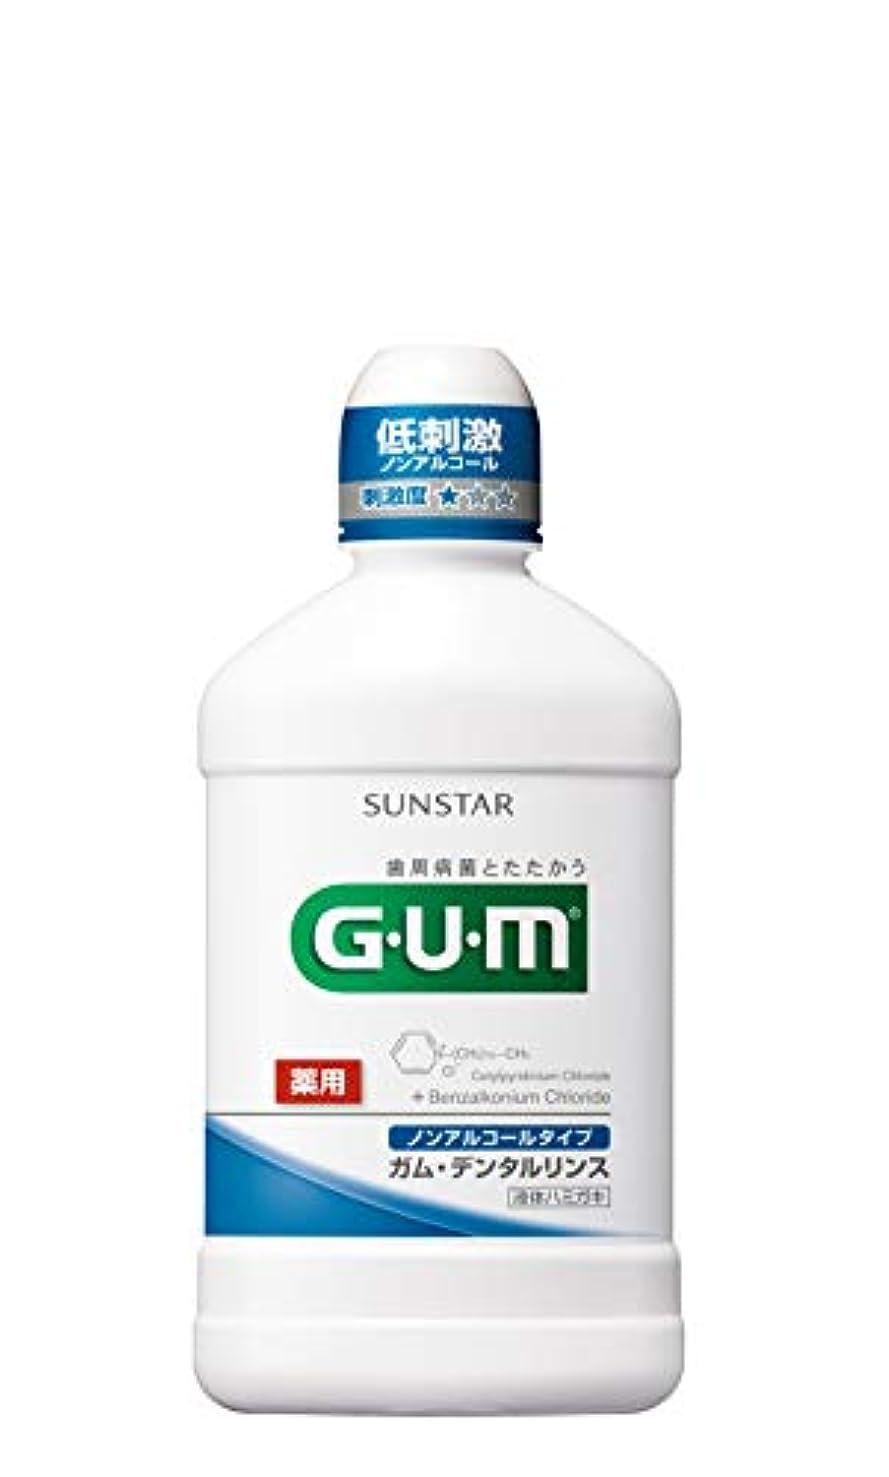 不変換気切り下げ[医薬部外品] GUM(ガム) デンタルリンス ノンアルコールタイプ 薬用液体ハミガキ 250ML <歯周病予防 口臭予防>